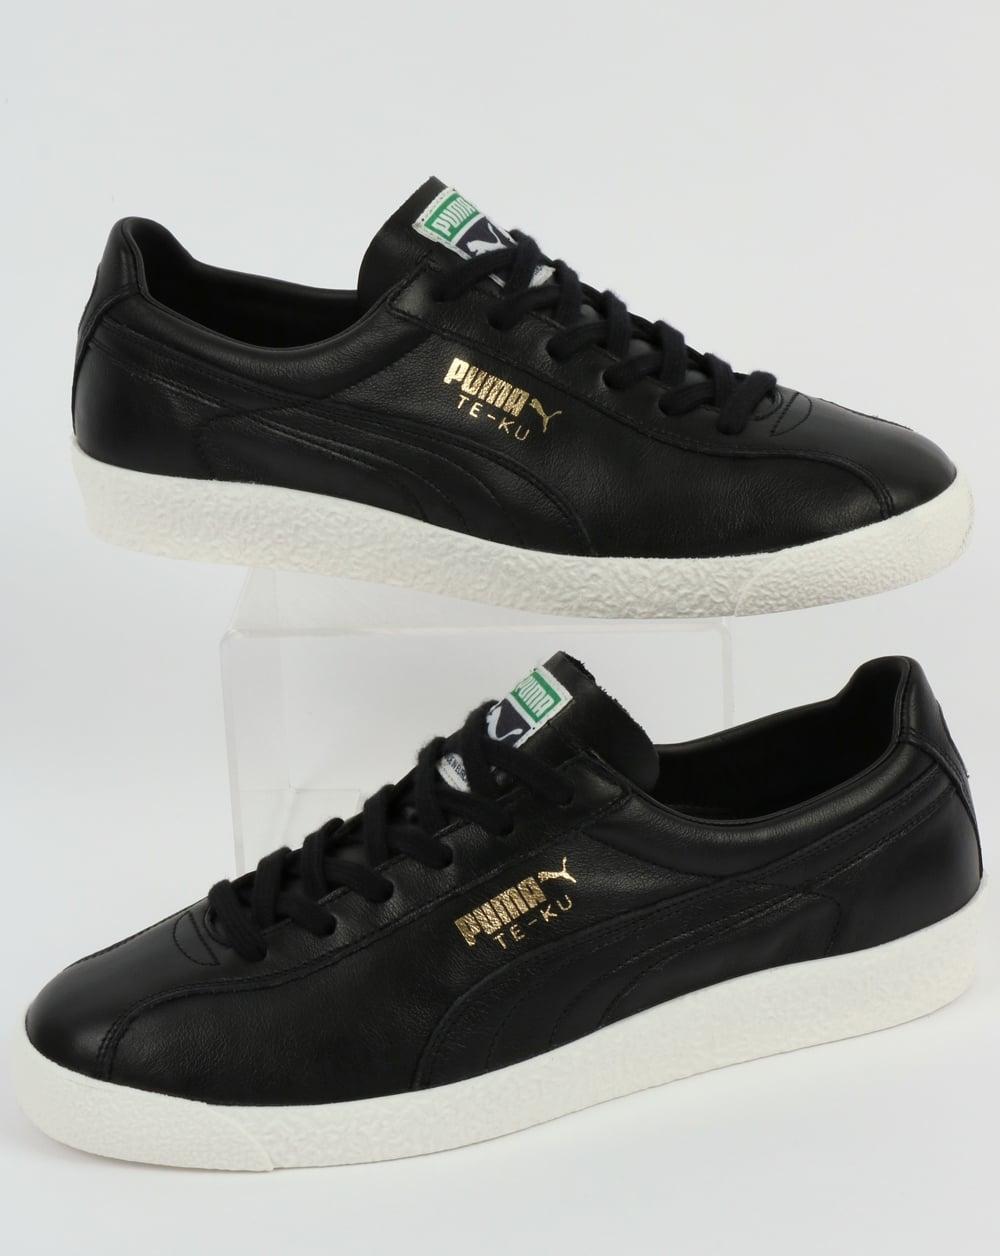 377f01ae287d1c Puma Puma Te-ku Core Trainers Black